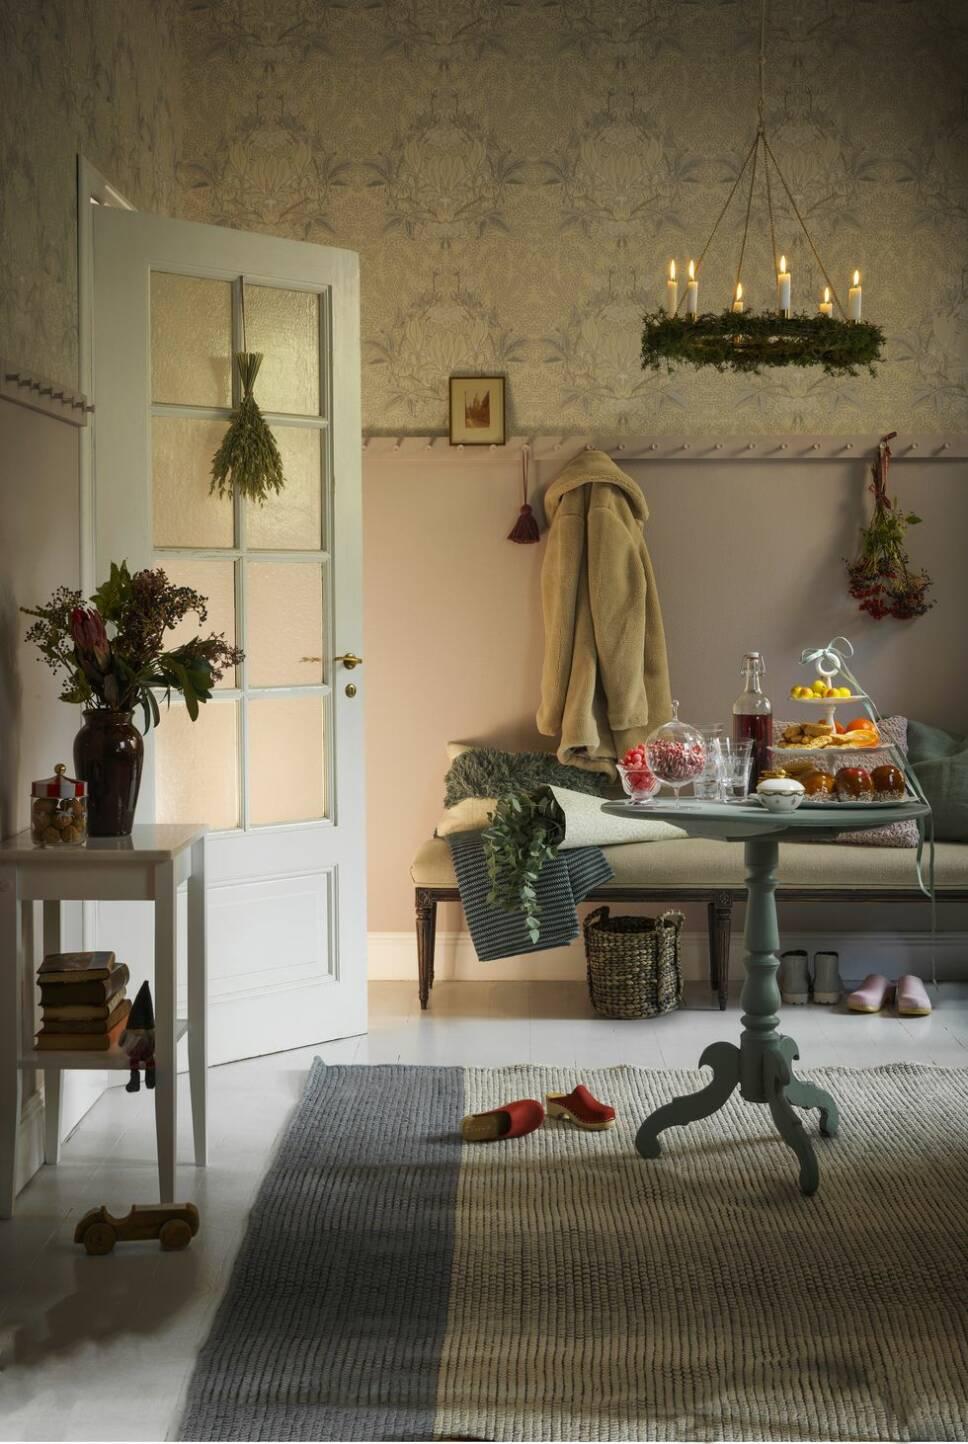 Stylisten tipsar: Så här fixar du julmys i husets alla vrår